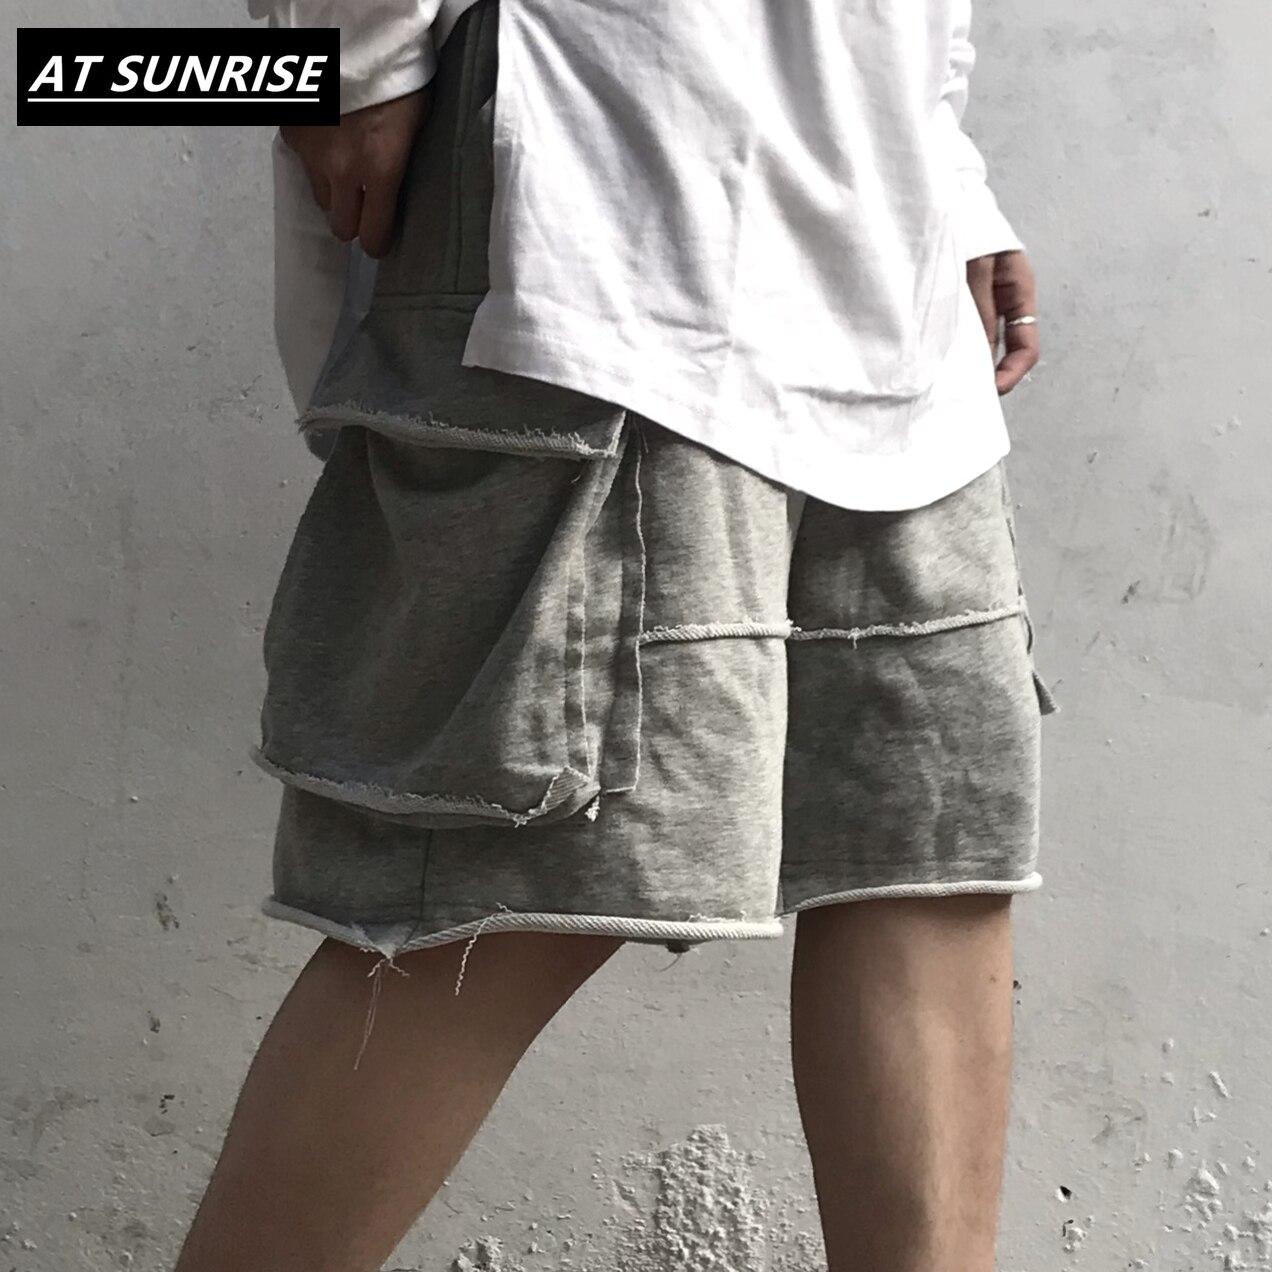 Pantalones cortos de alta Calle, ropa de calle, pantalones cortos Harajuku para correr, pantalones cortos de verano Hip Hop para hombres, pantalones de chándal de algodón holgados informales en negro y gris